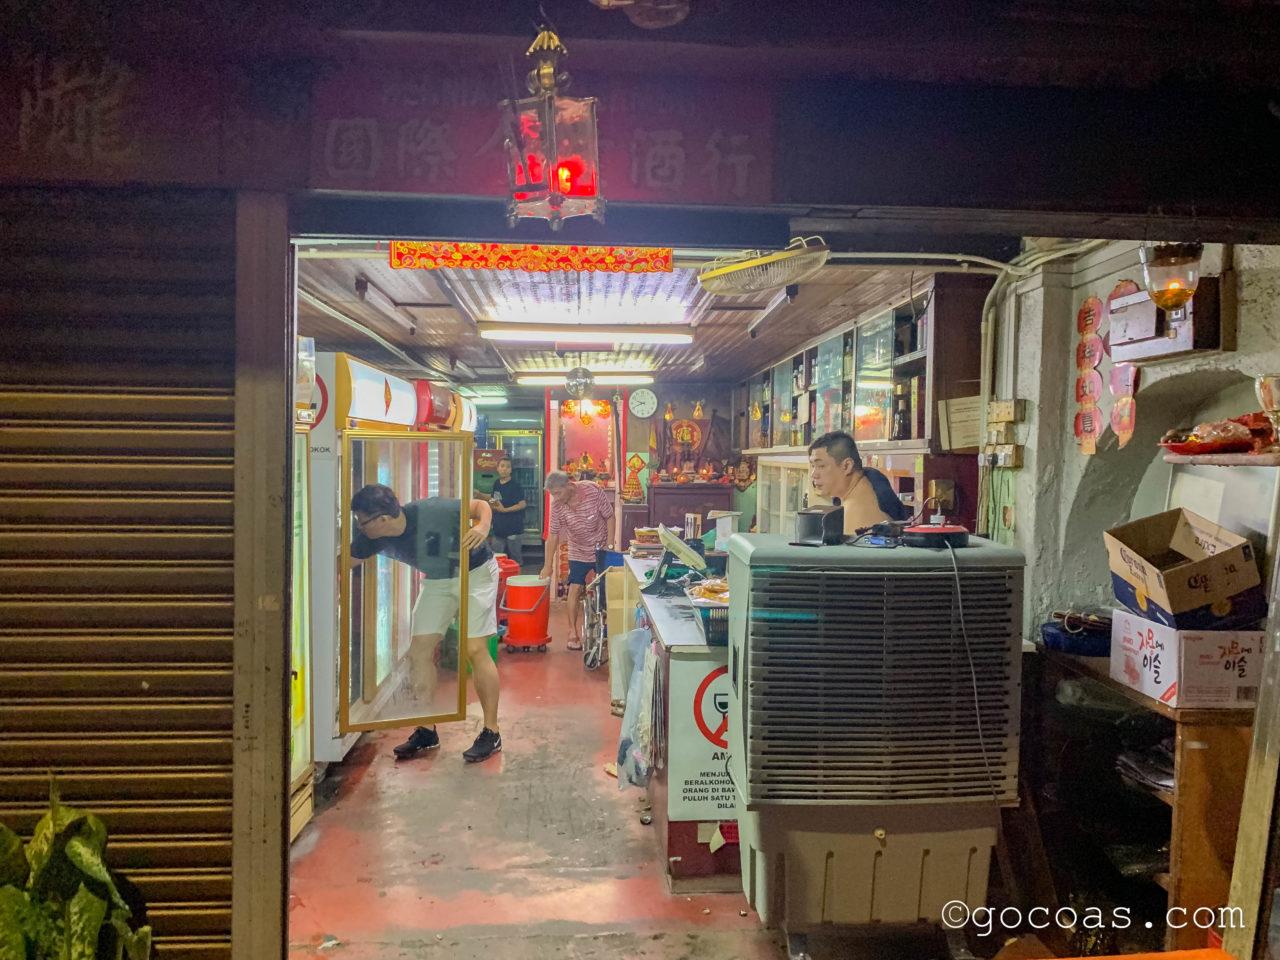 ペナン島の夜の街中にあった酒屋